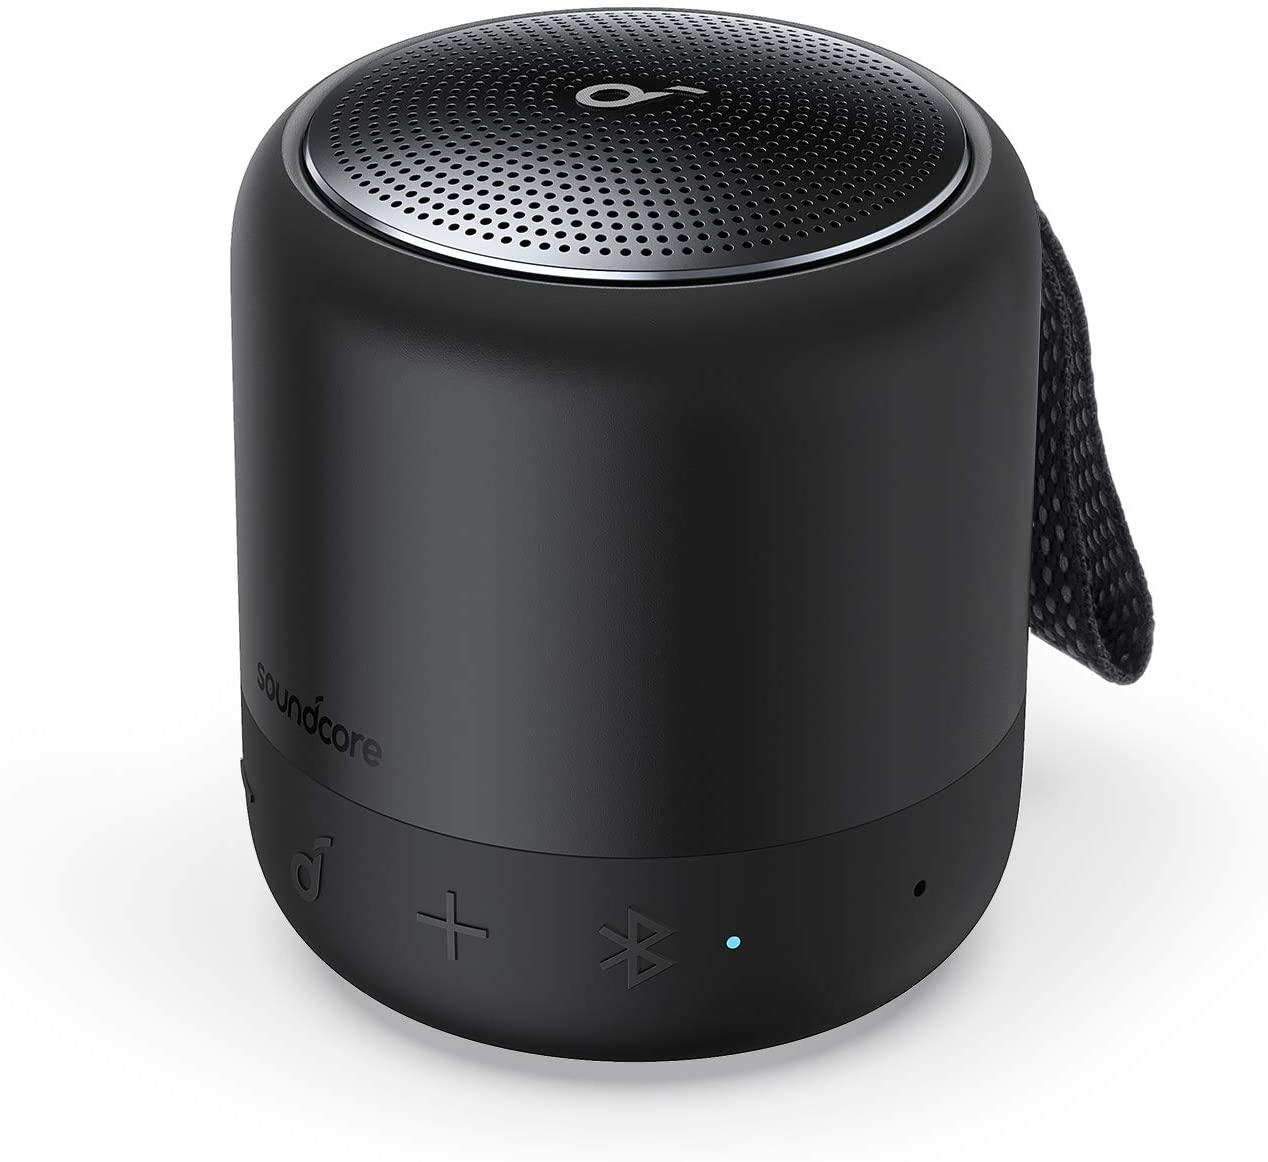 アマゾンでAnker Soundcore Mini 3 が新発売でポイント20%バックセール。